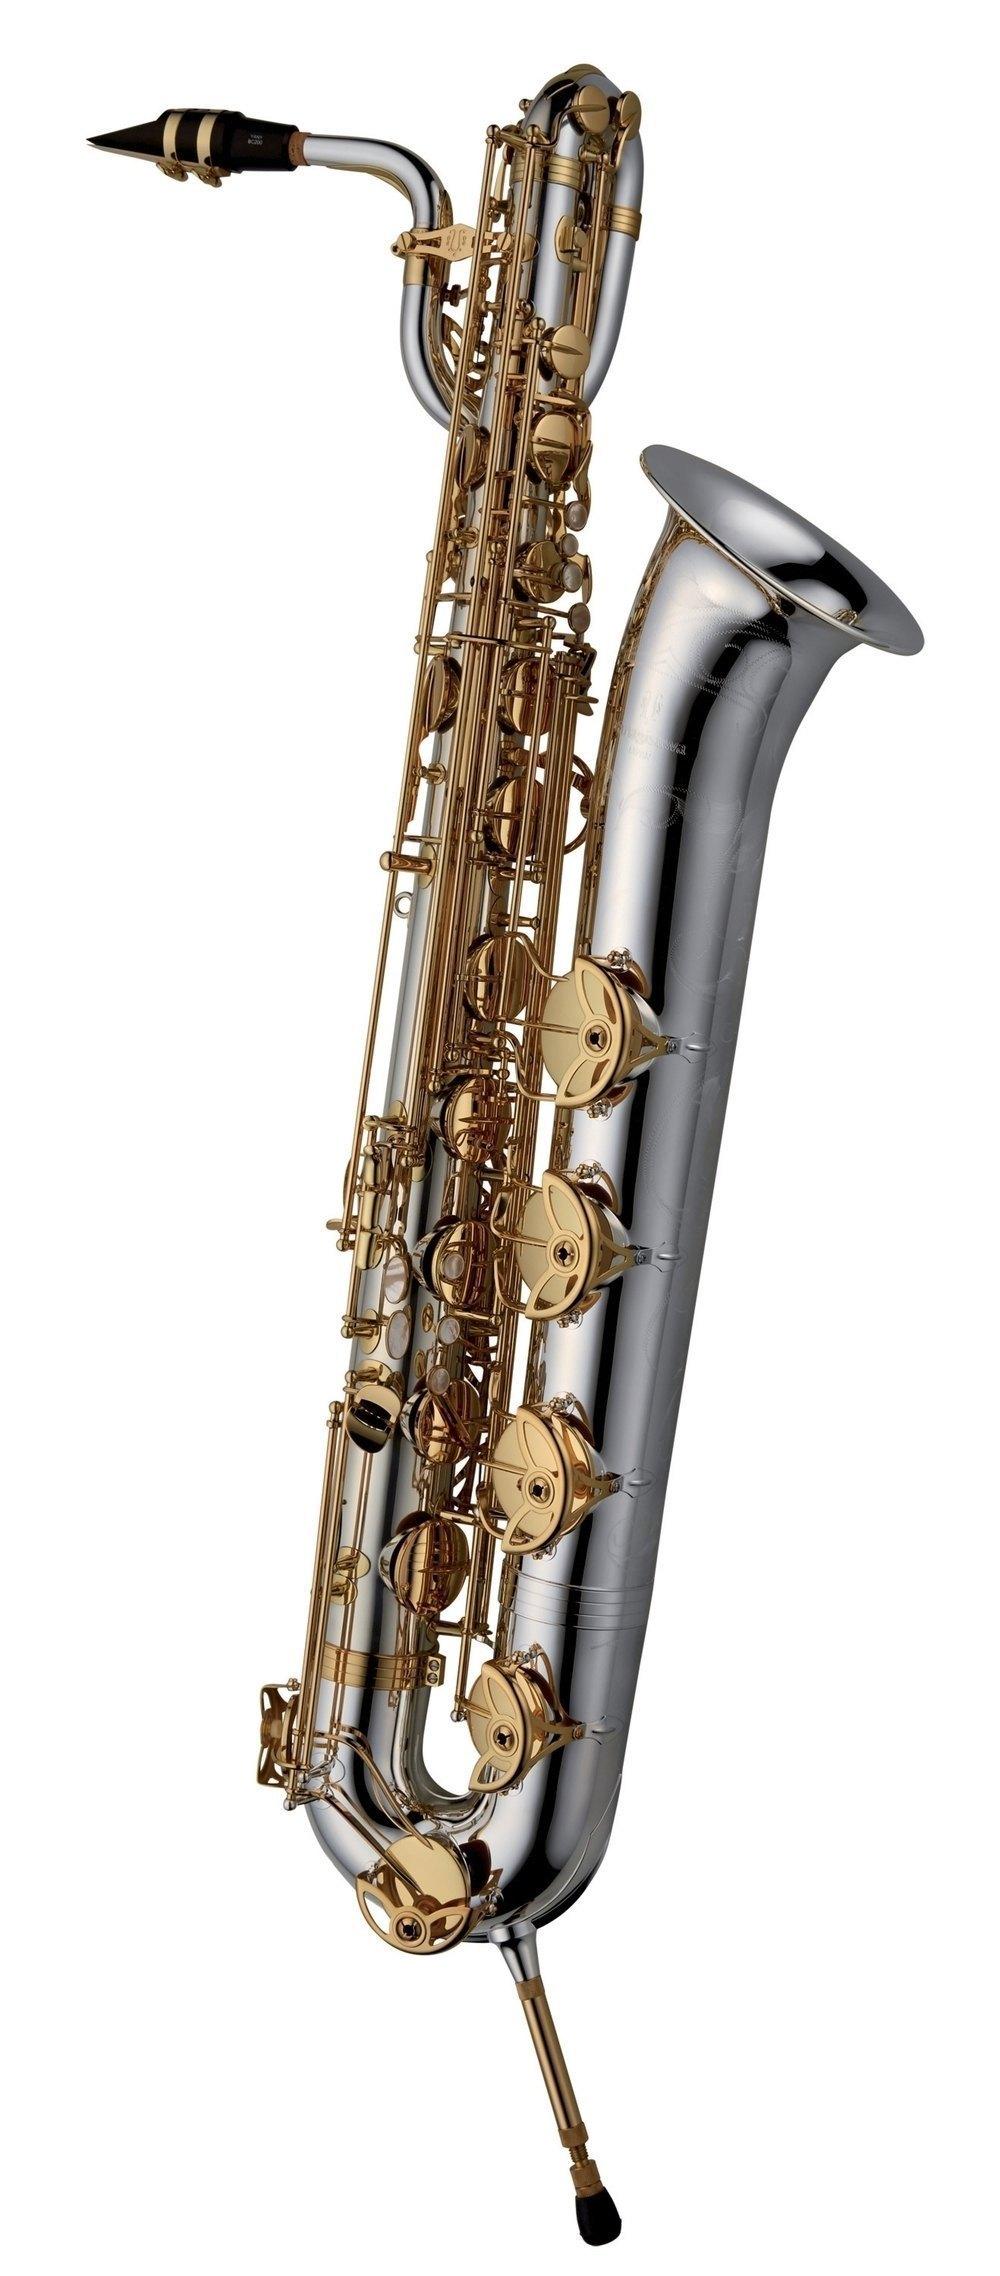 Yanagisawa - B - WO30 - BSB - Holzblasinstrumente - Saxophone | MUSIK BERTRAM Deutschland Freiburg